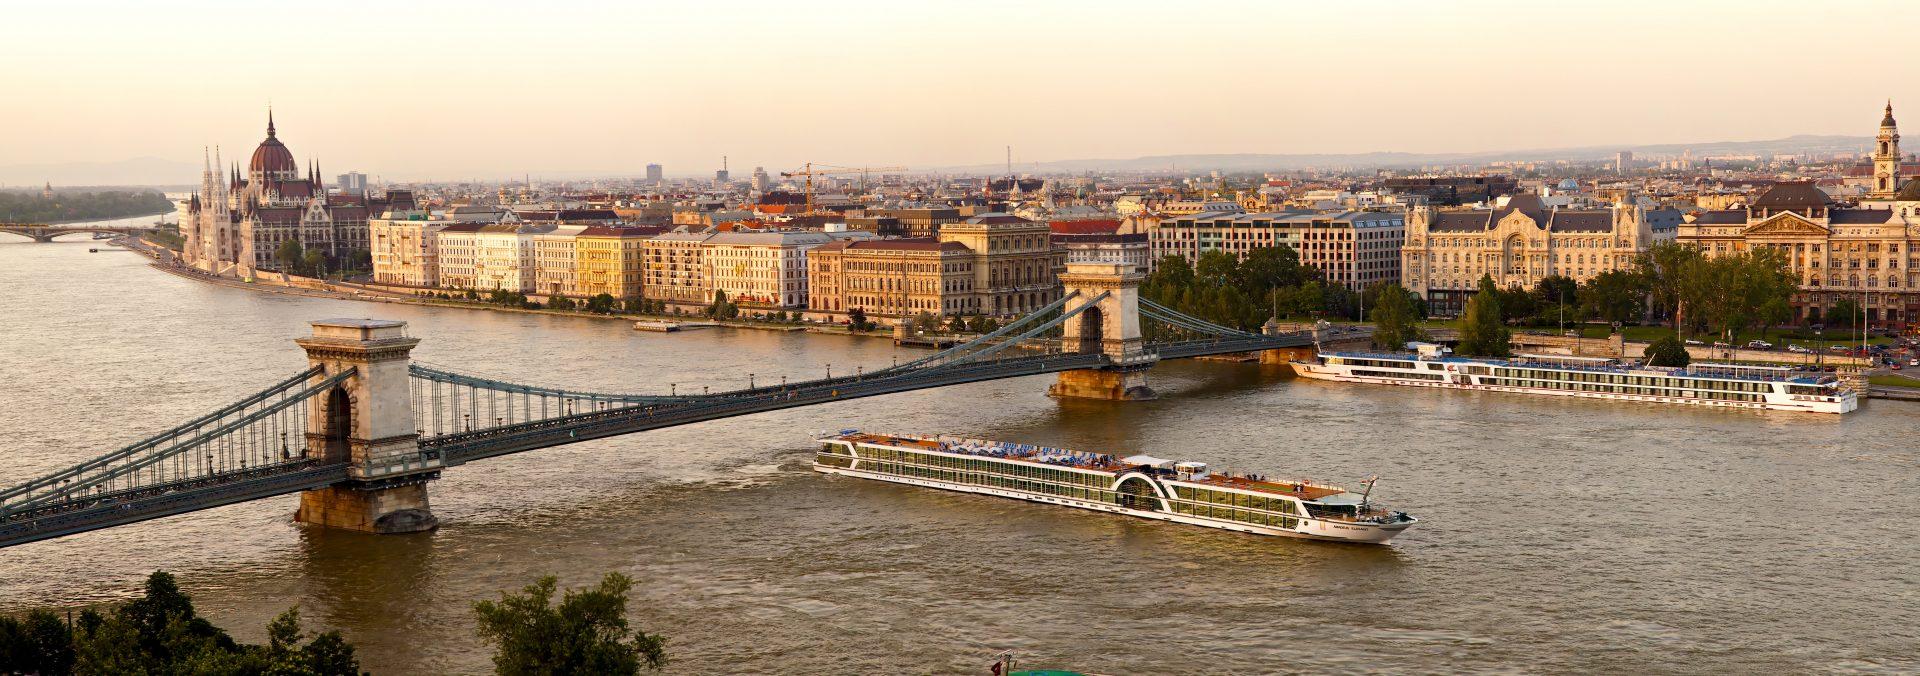 Reisewelt-Reise: Flusskreuzfahrt Schwarzes Meer und Donau